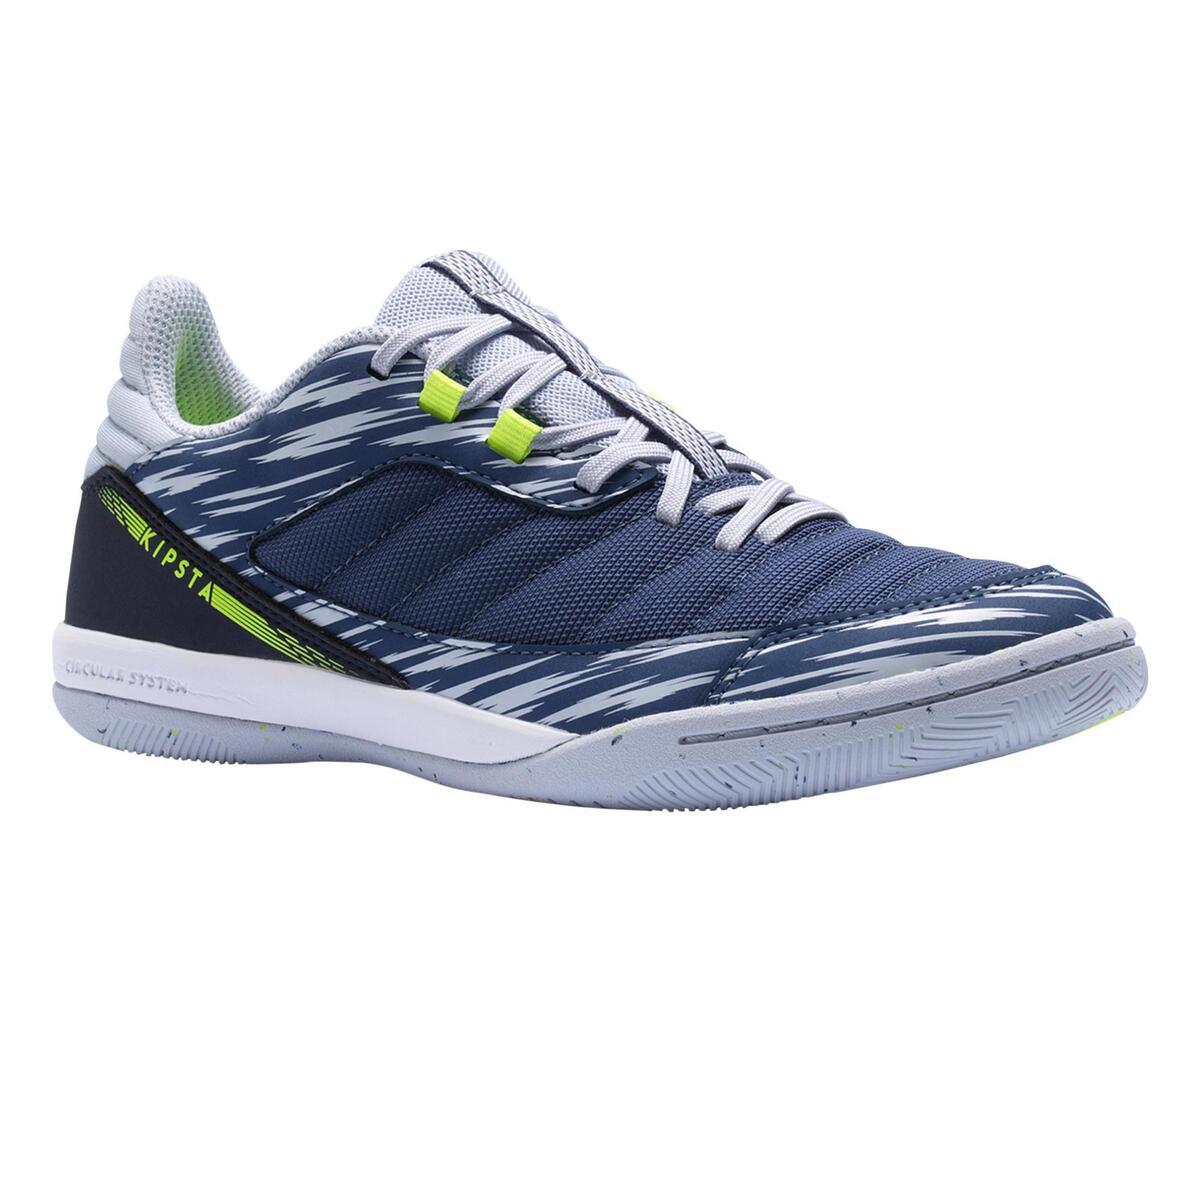 Bild 1 von Hallenschuhe Eskudo 500 Futsal Kinder blau/grau